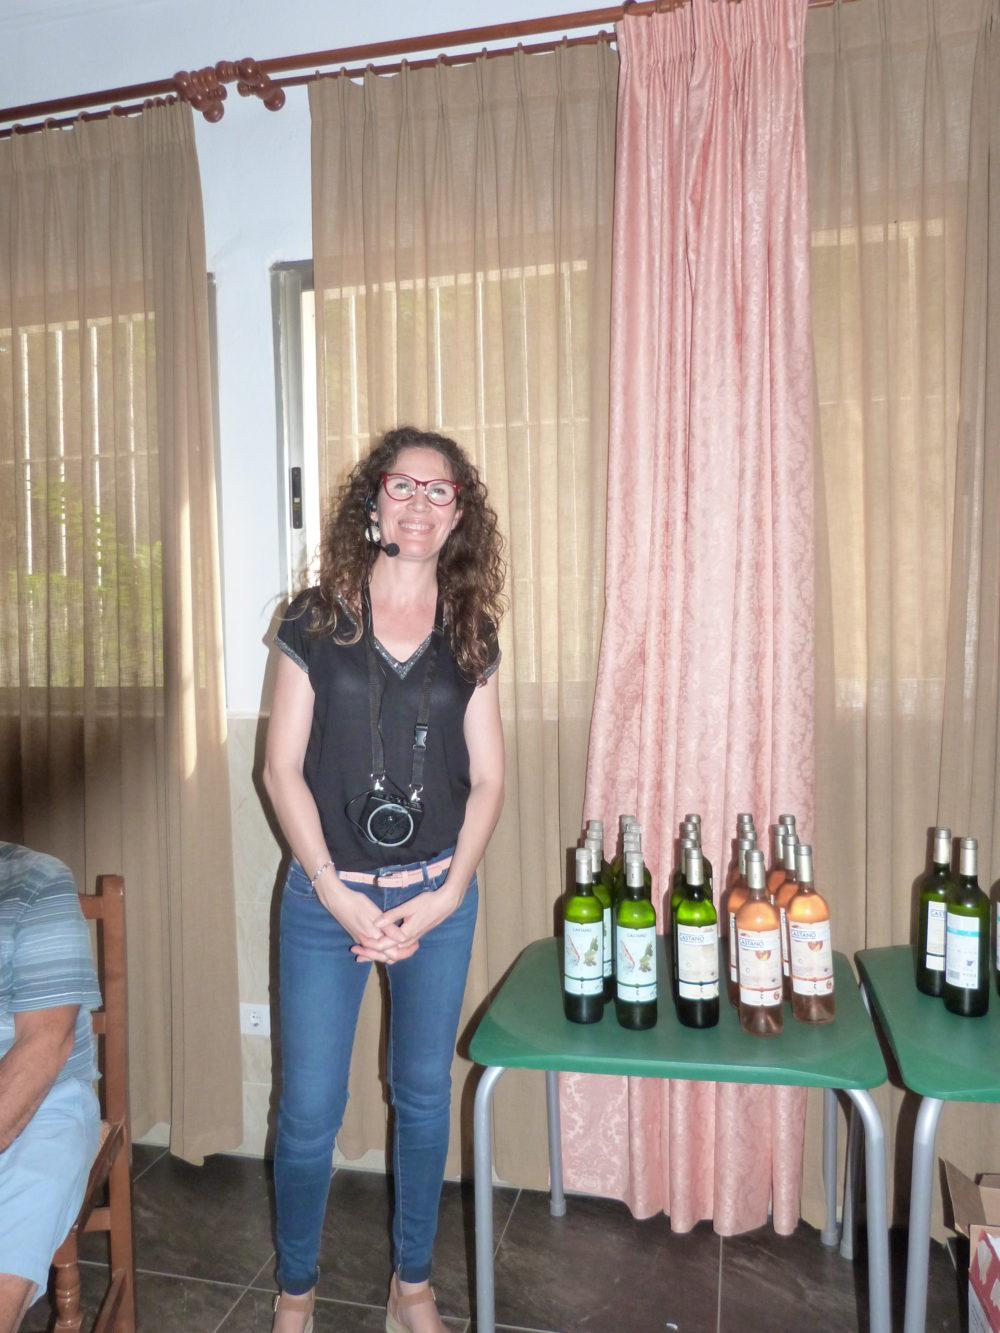 Our host - Raquel